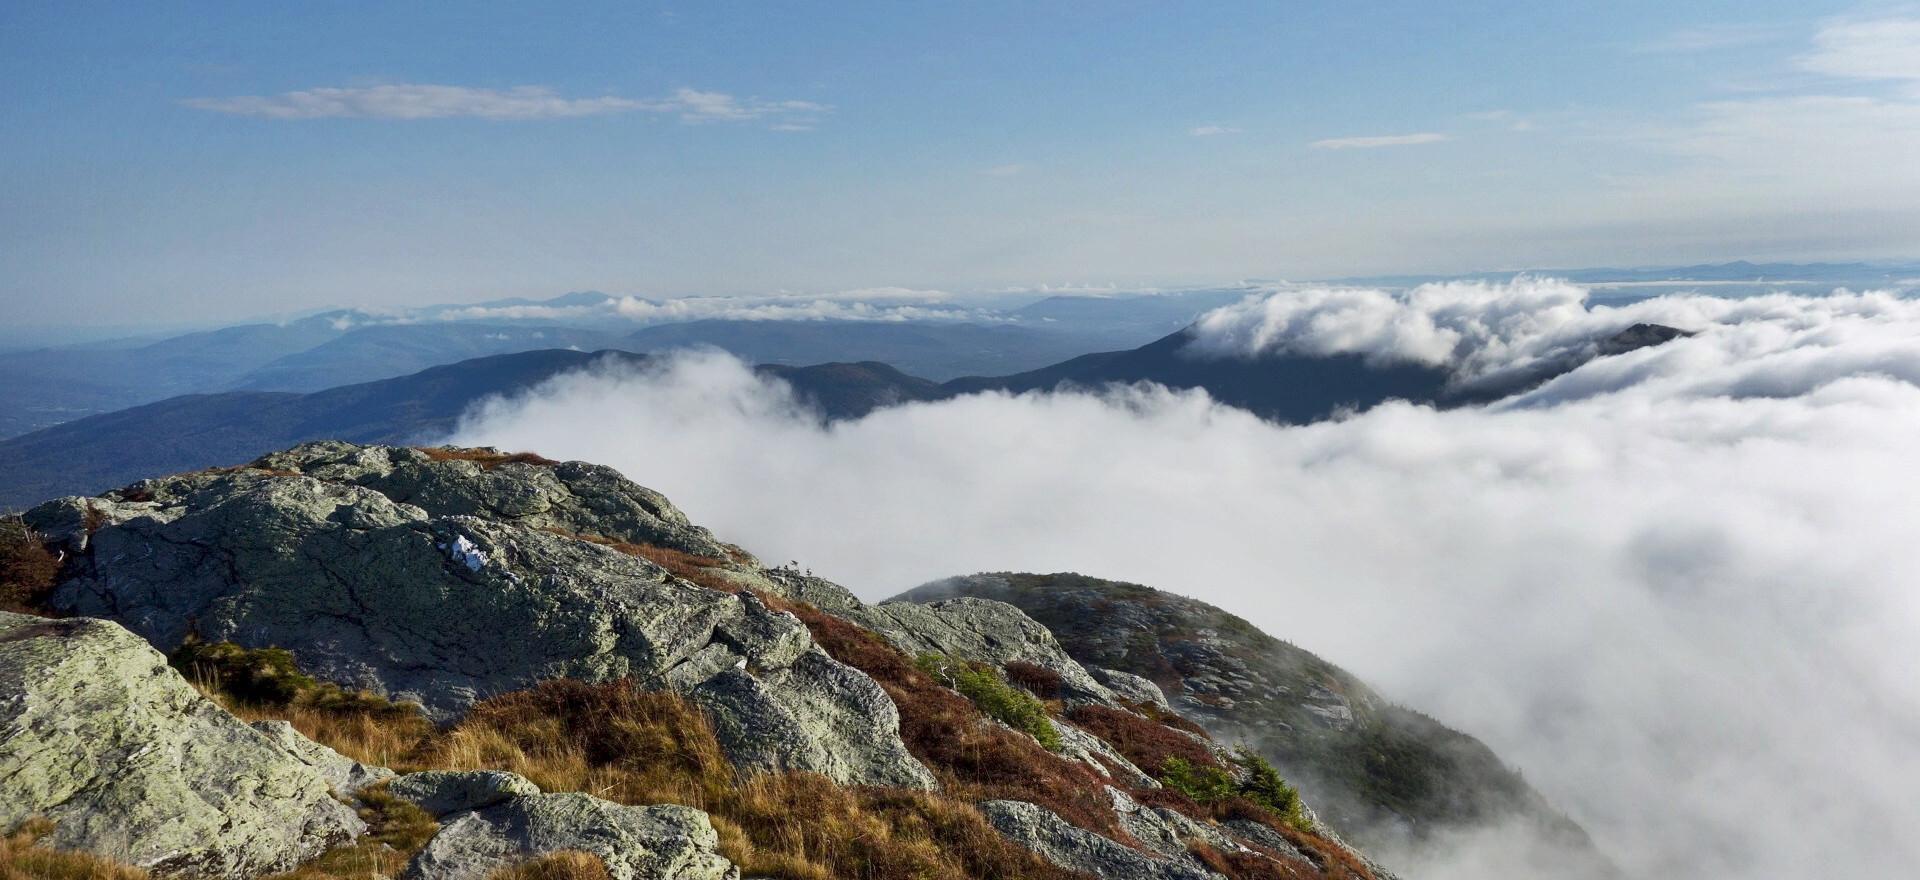 Mt. Mansfield Summit, Vermont